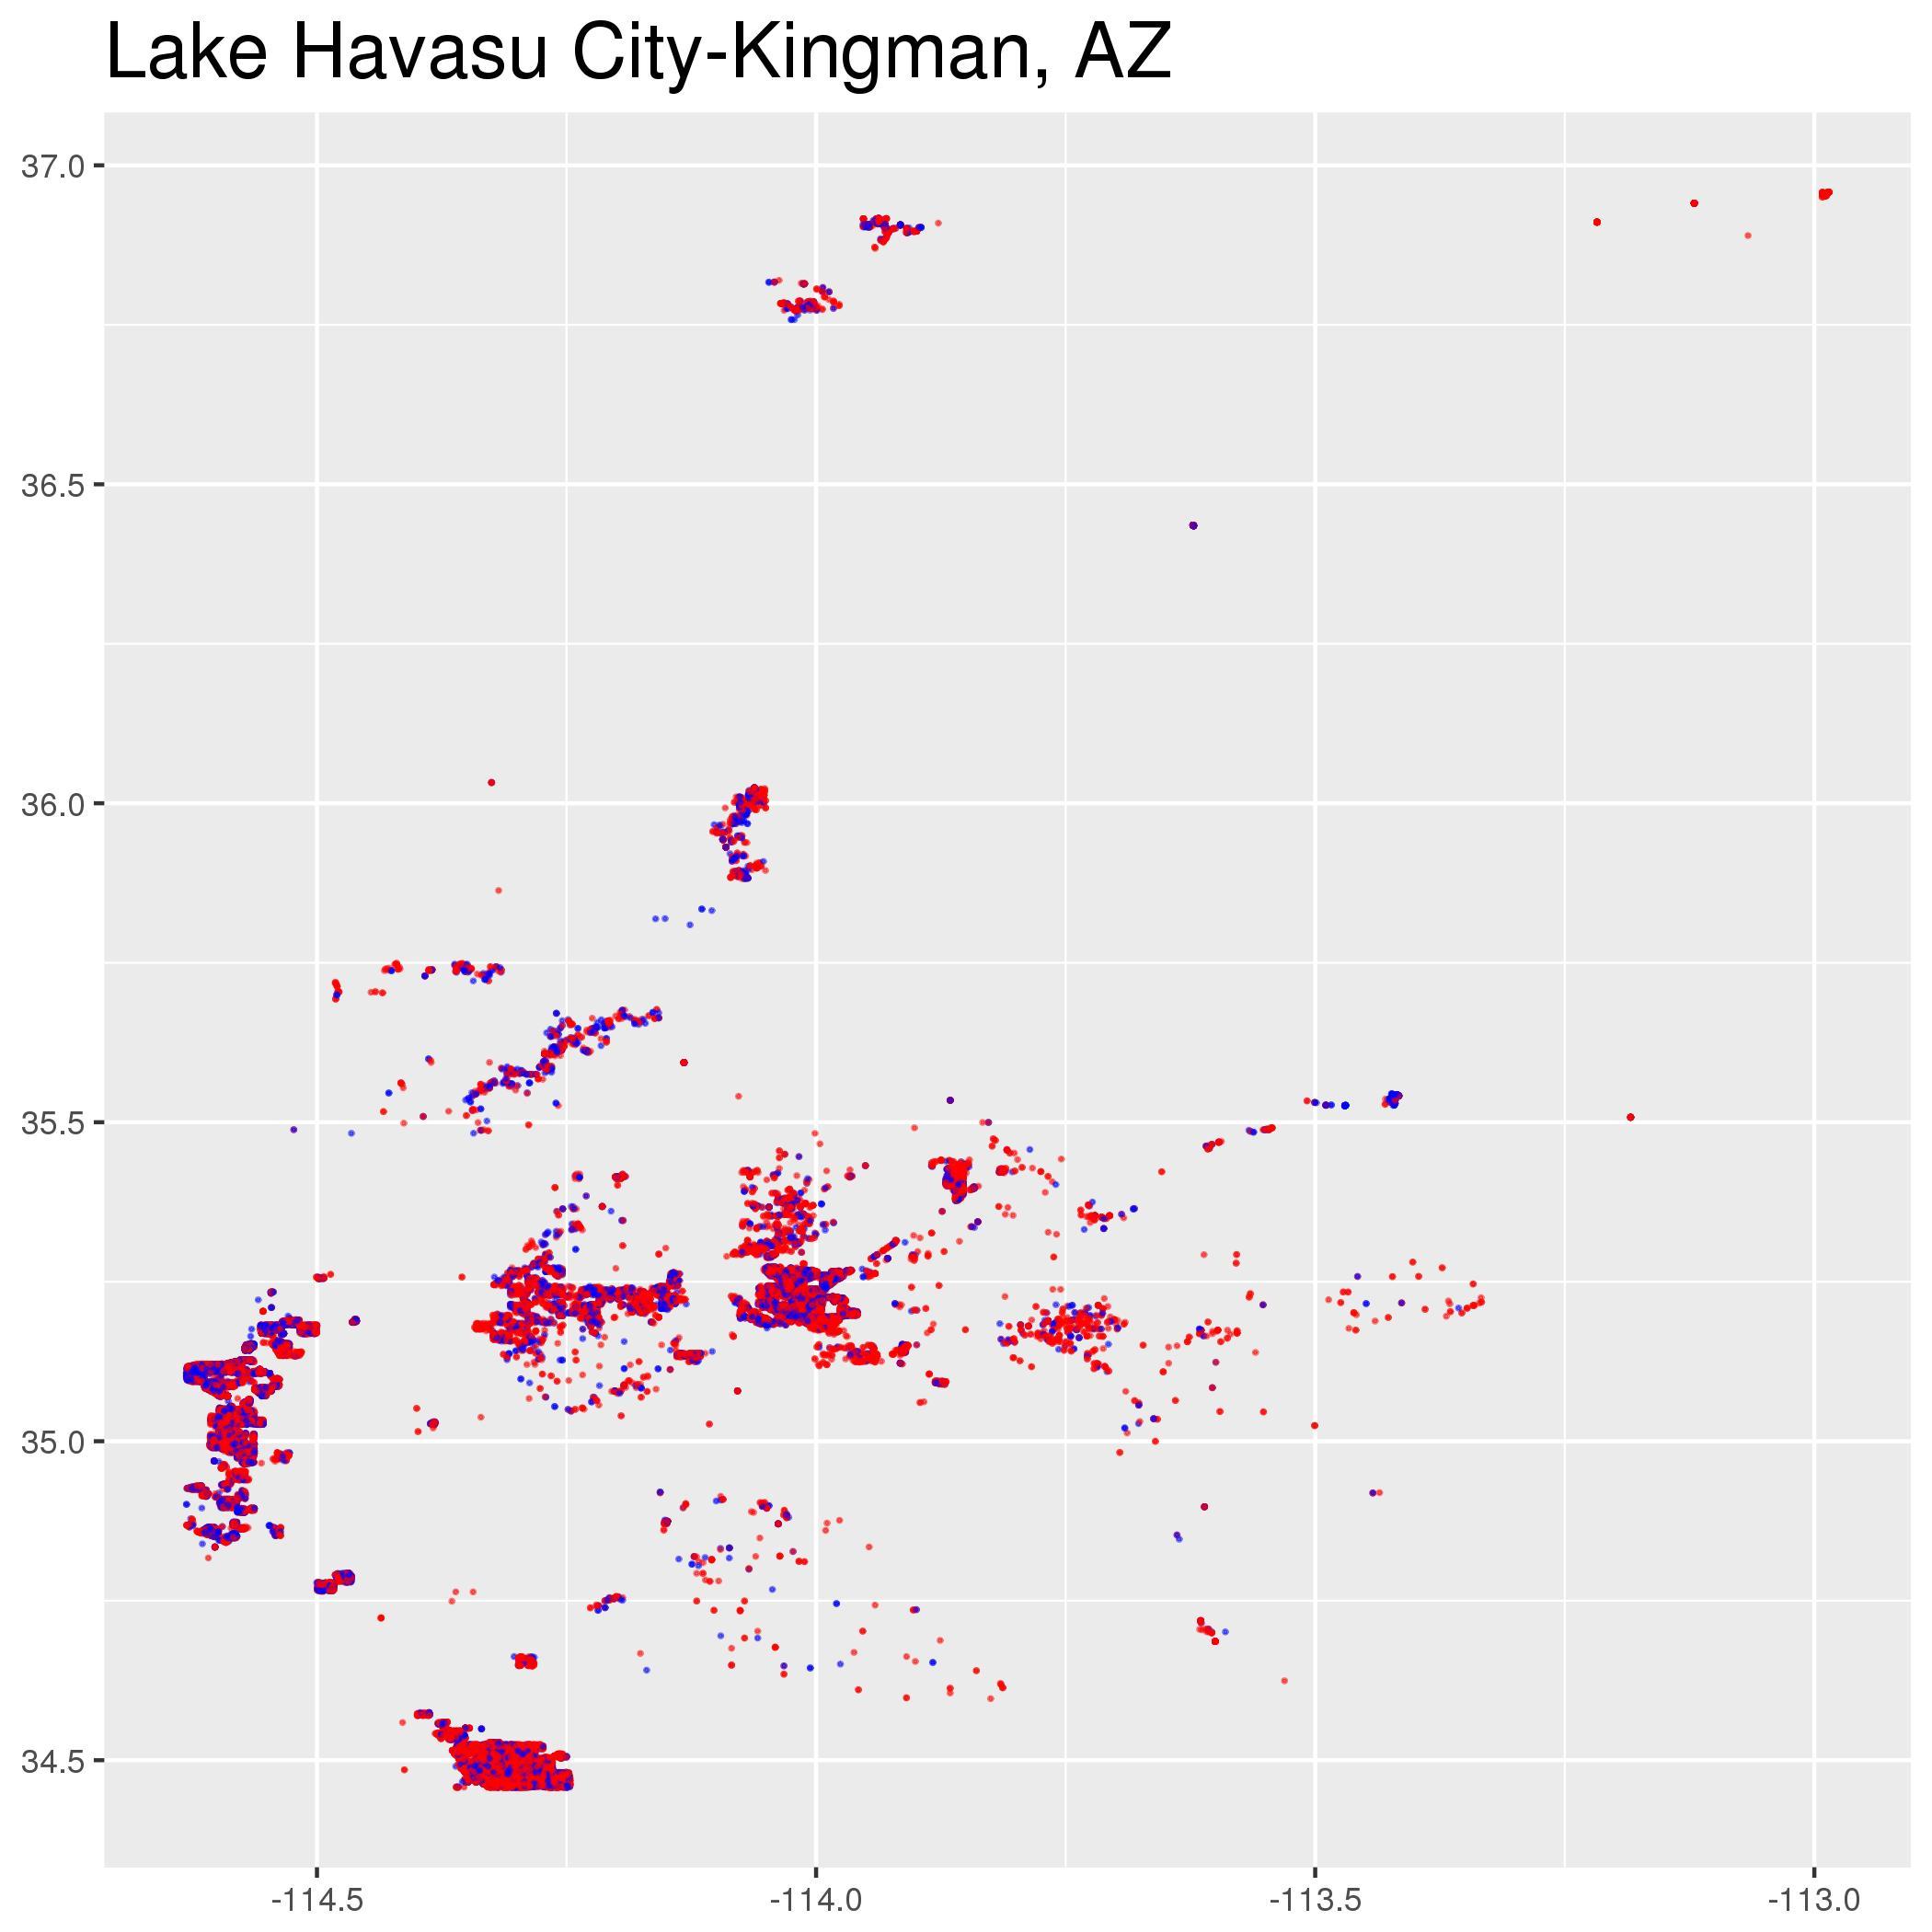 LakeHavasuCity-KingmanAZ.jpeg